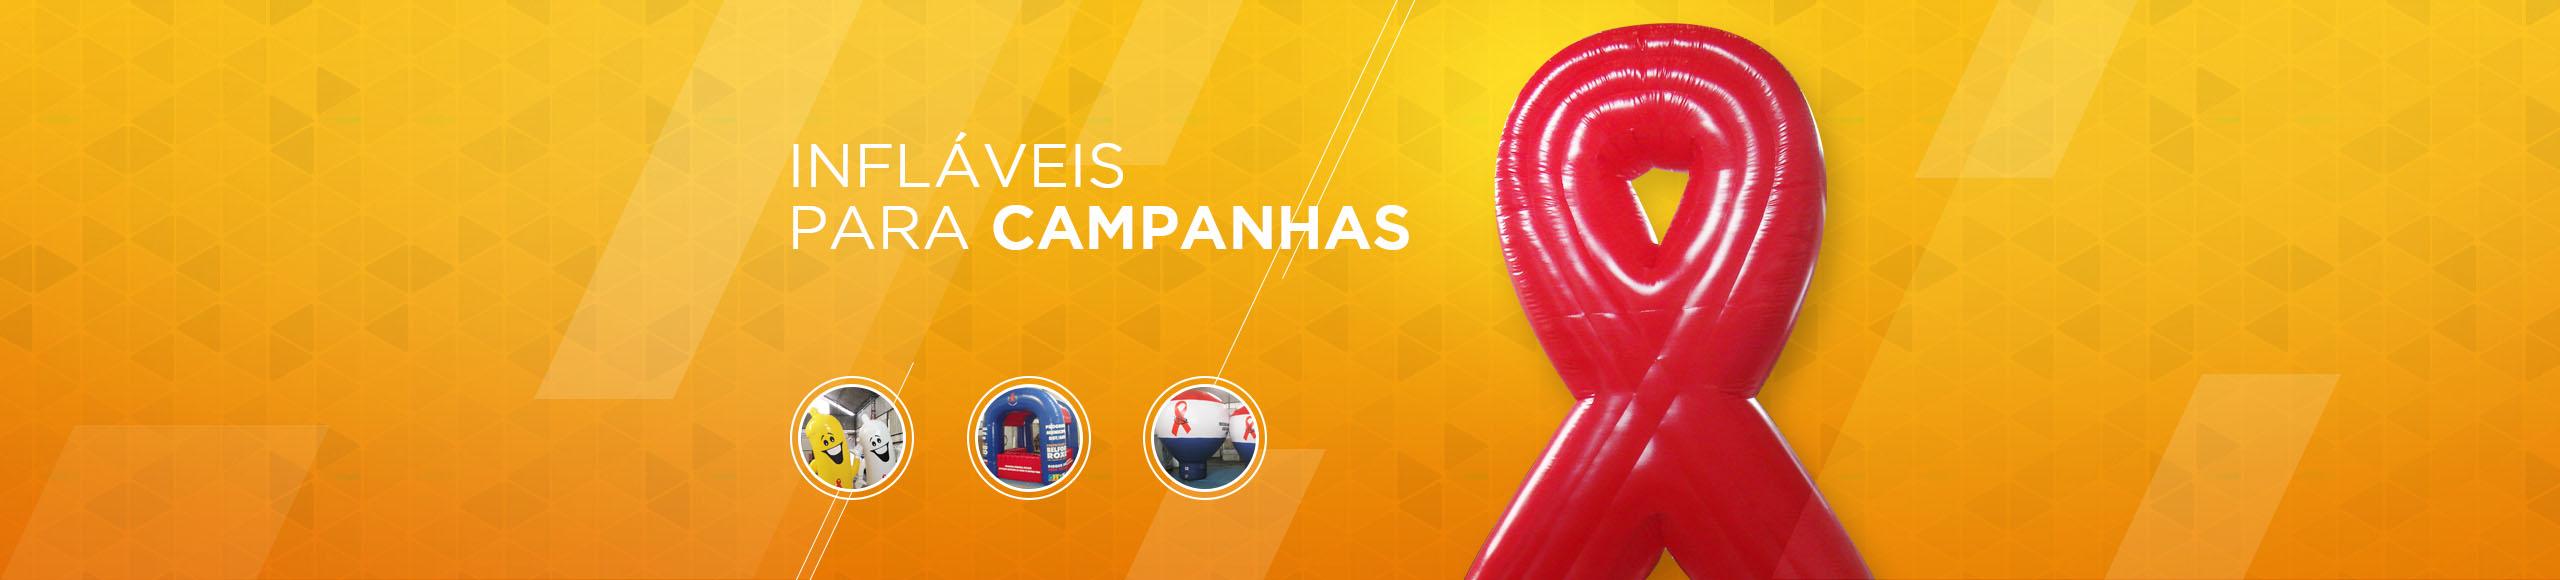 INFLÁVEIS_PARA_CAMPANHAS